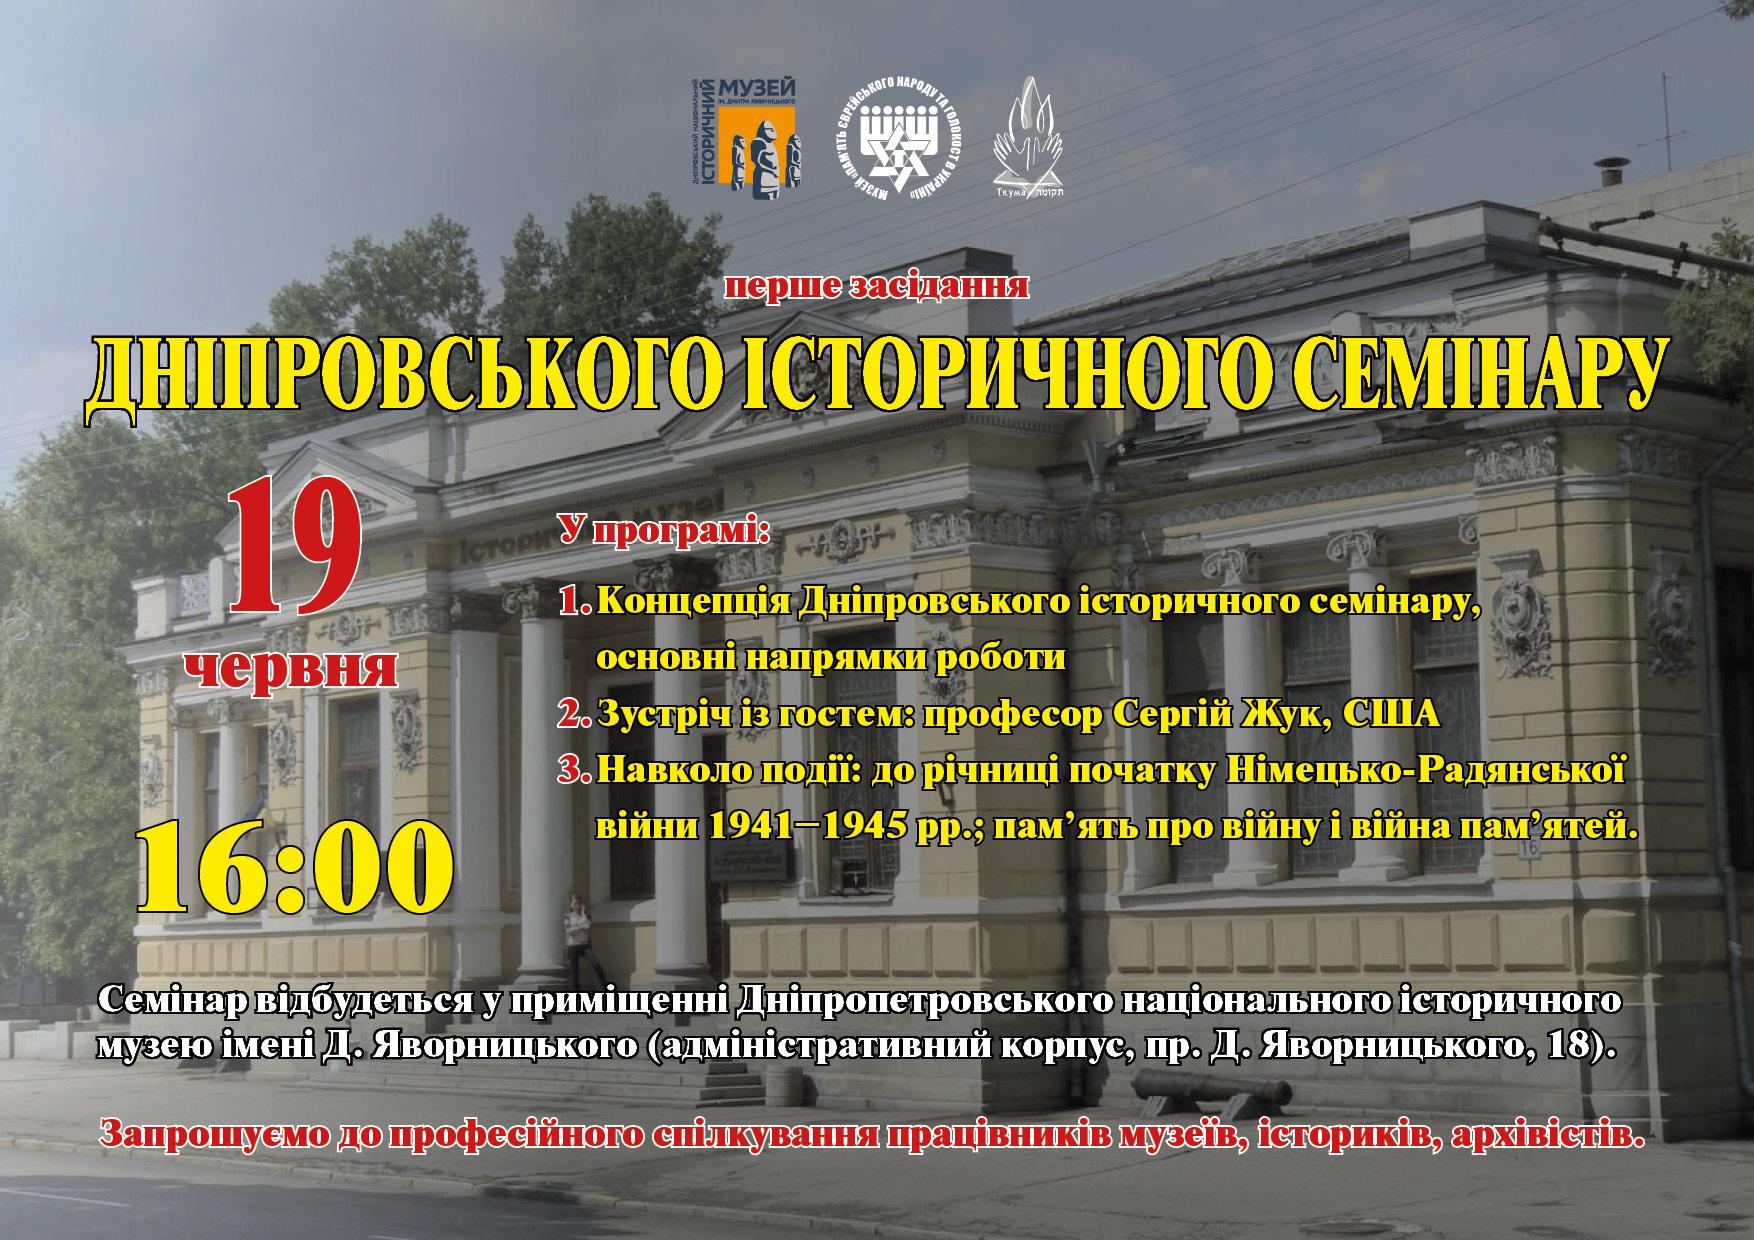 Запрошуємо взяти участь у Дніпровському історичному семінарі